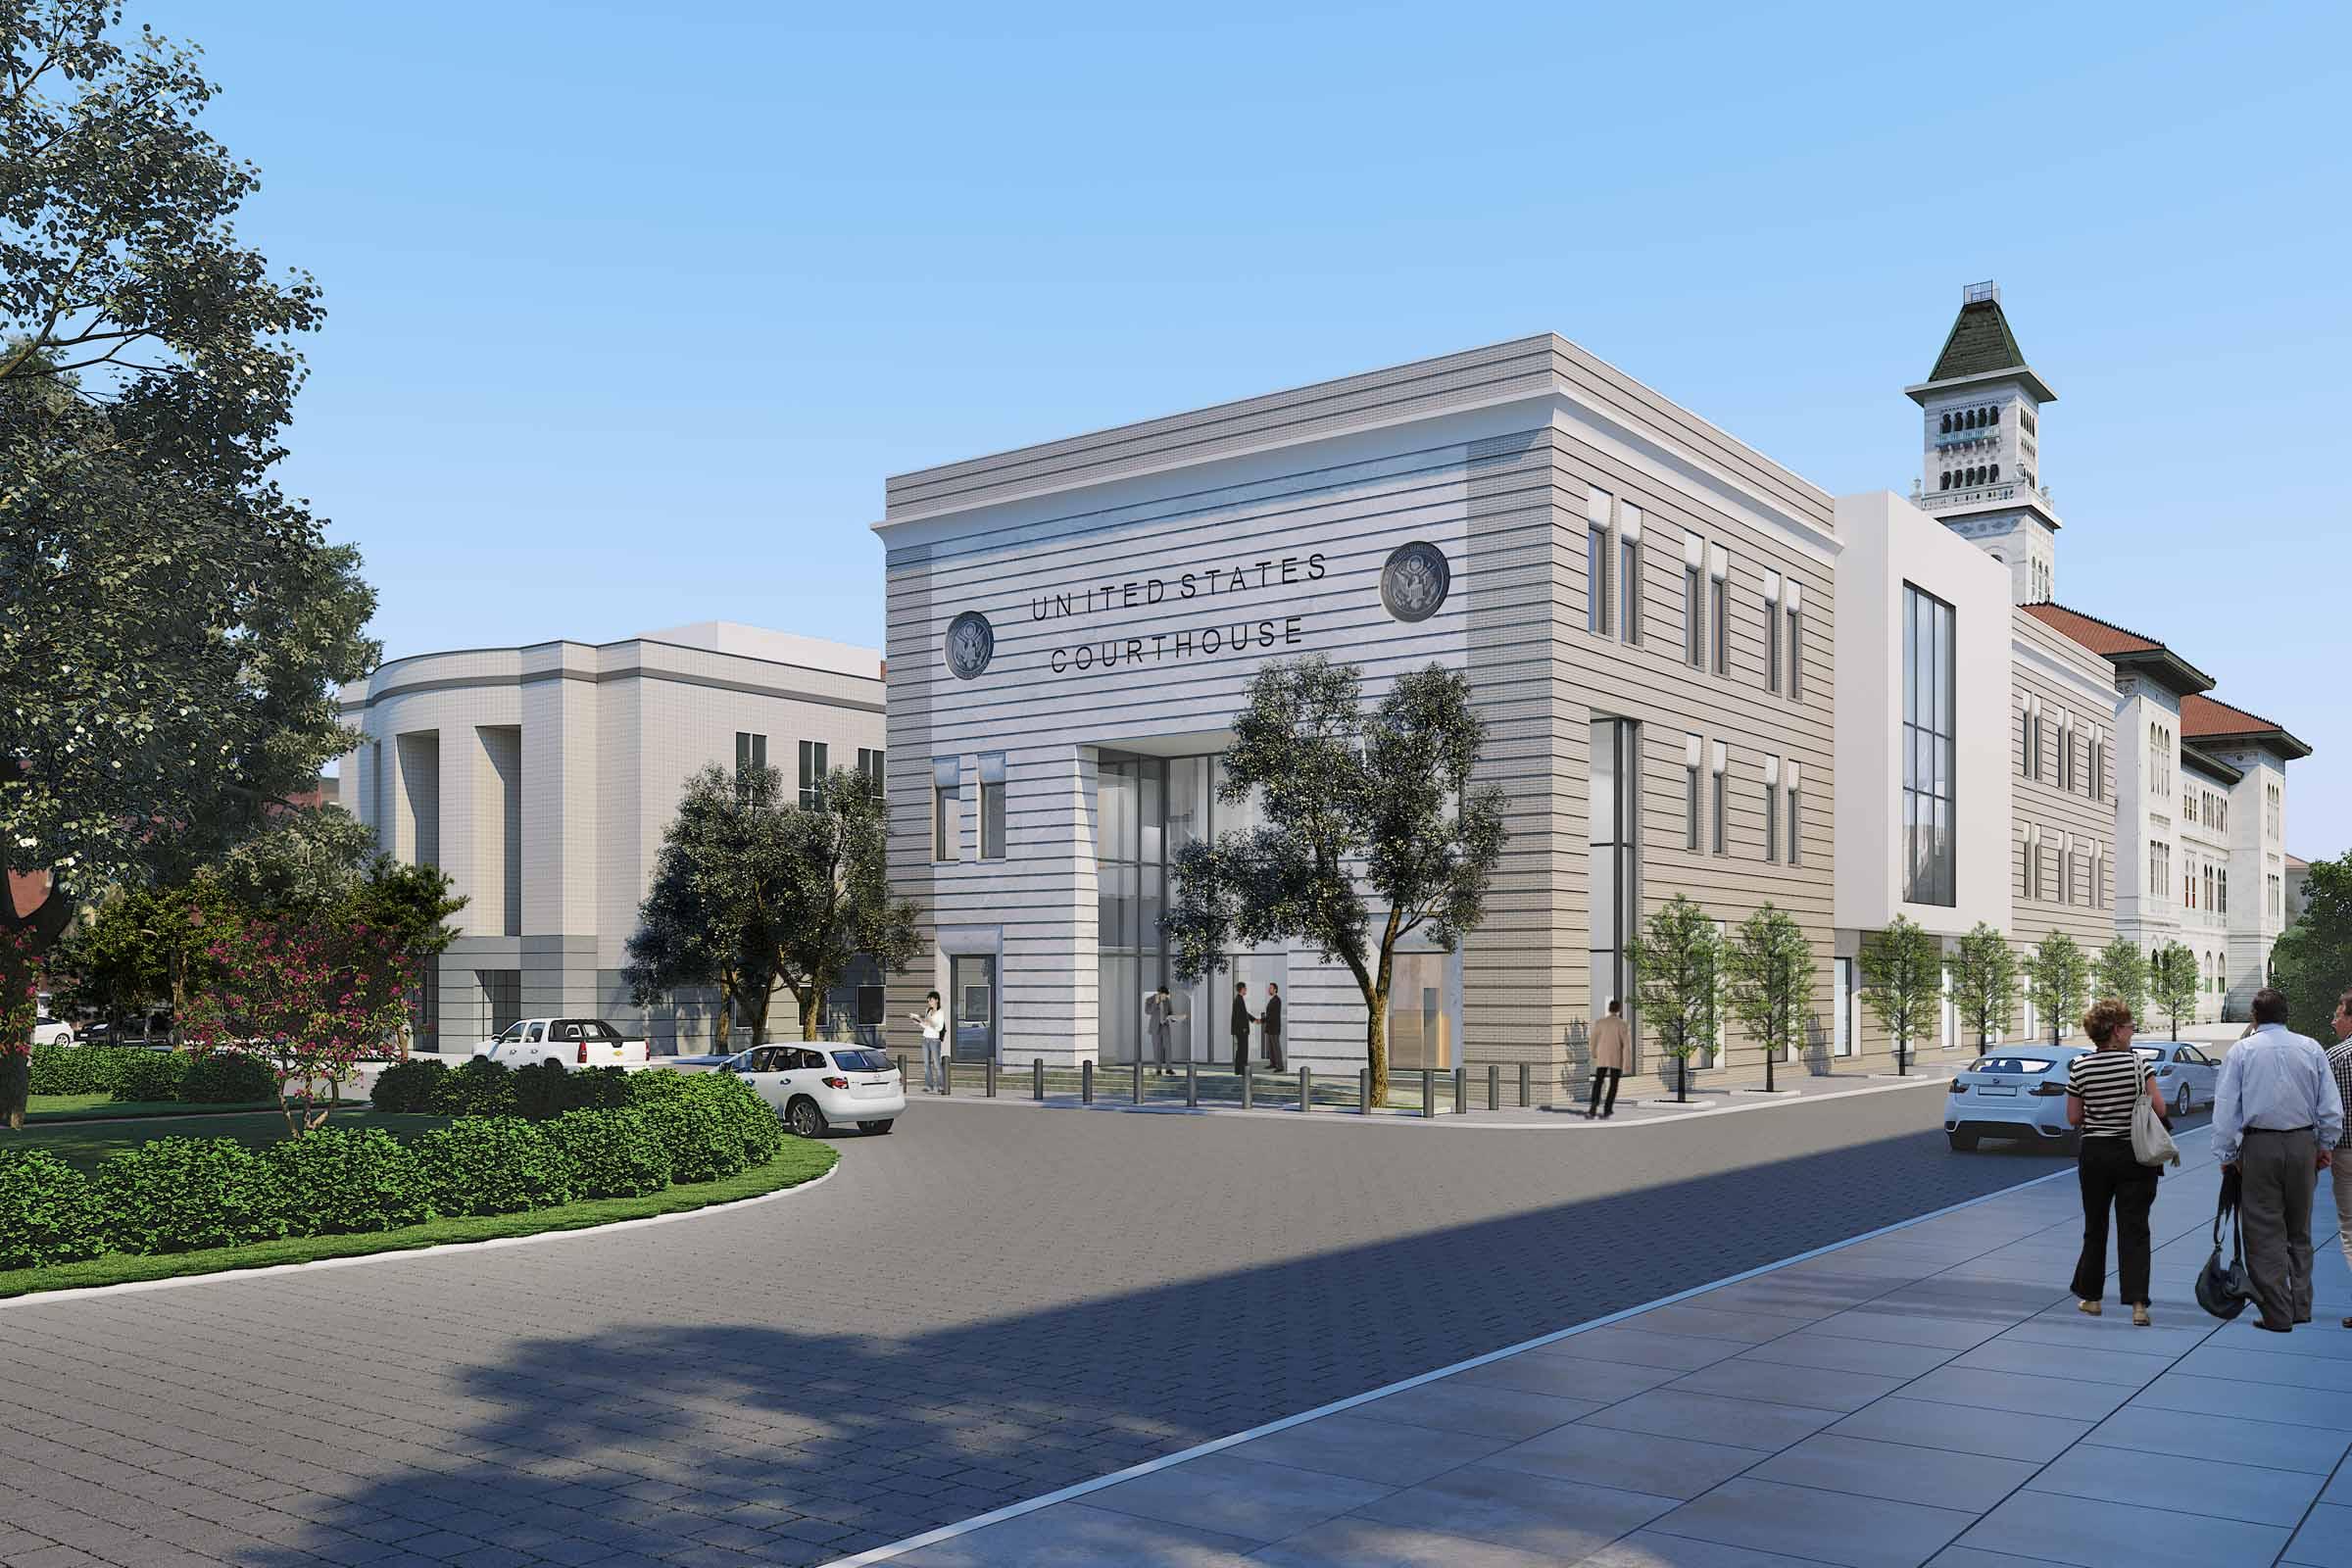 Tomochichi Courthouse Annex